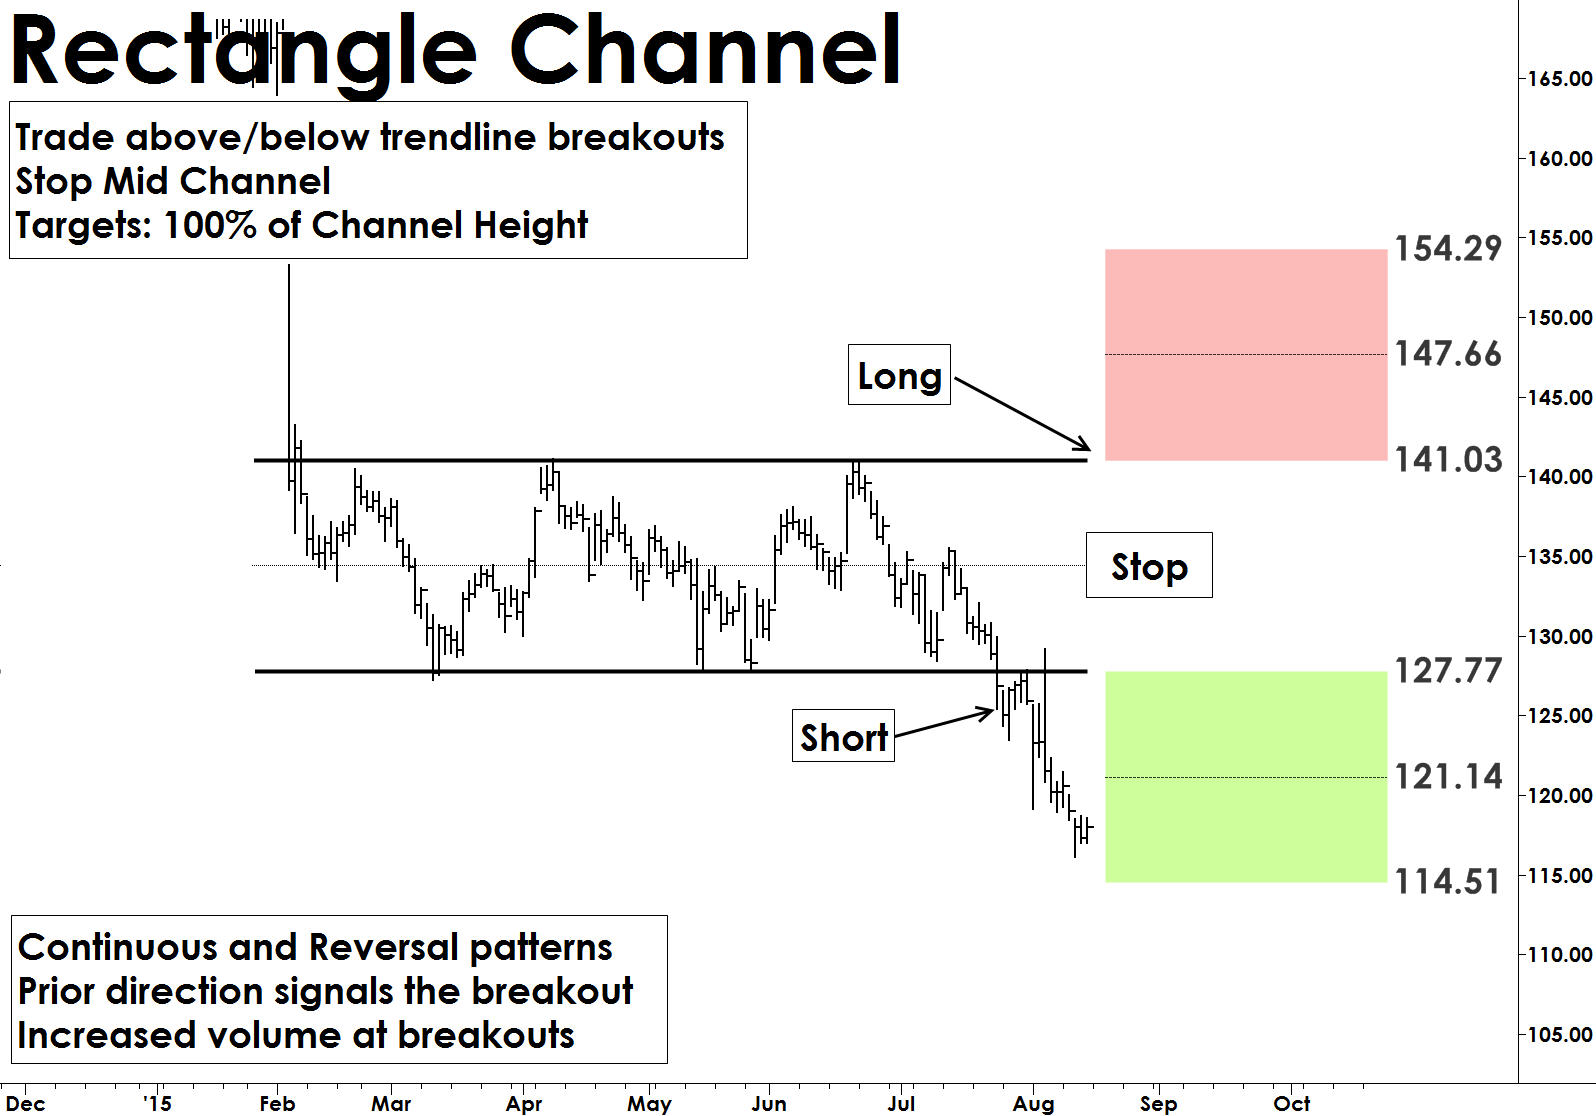 chart 2.1